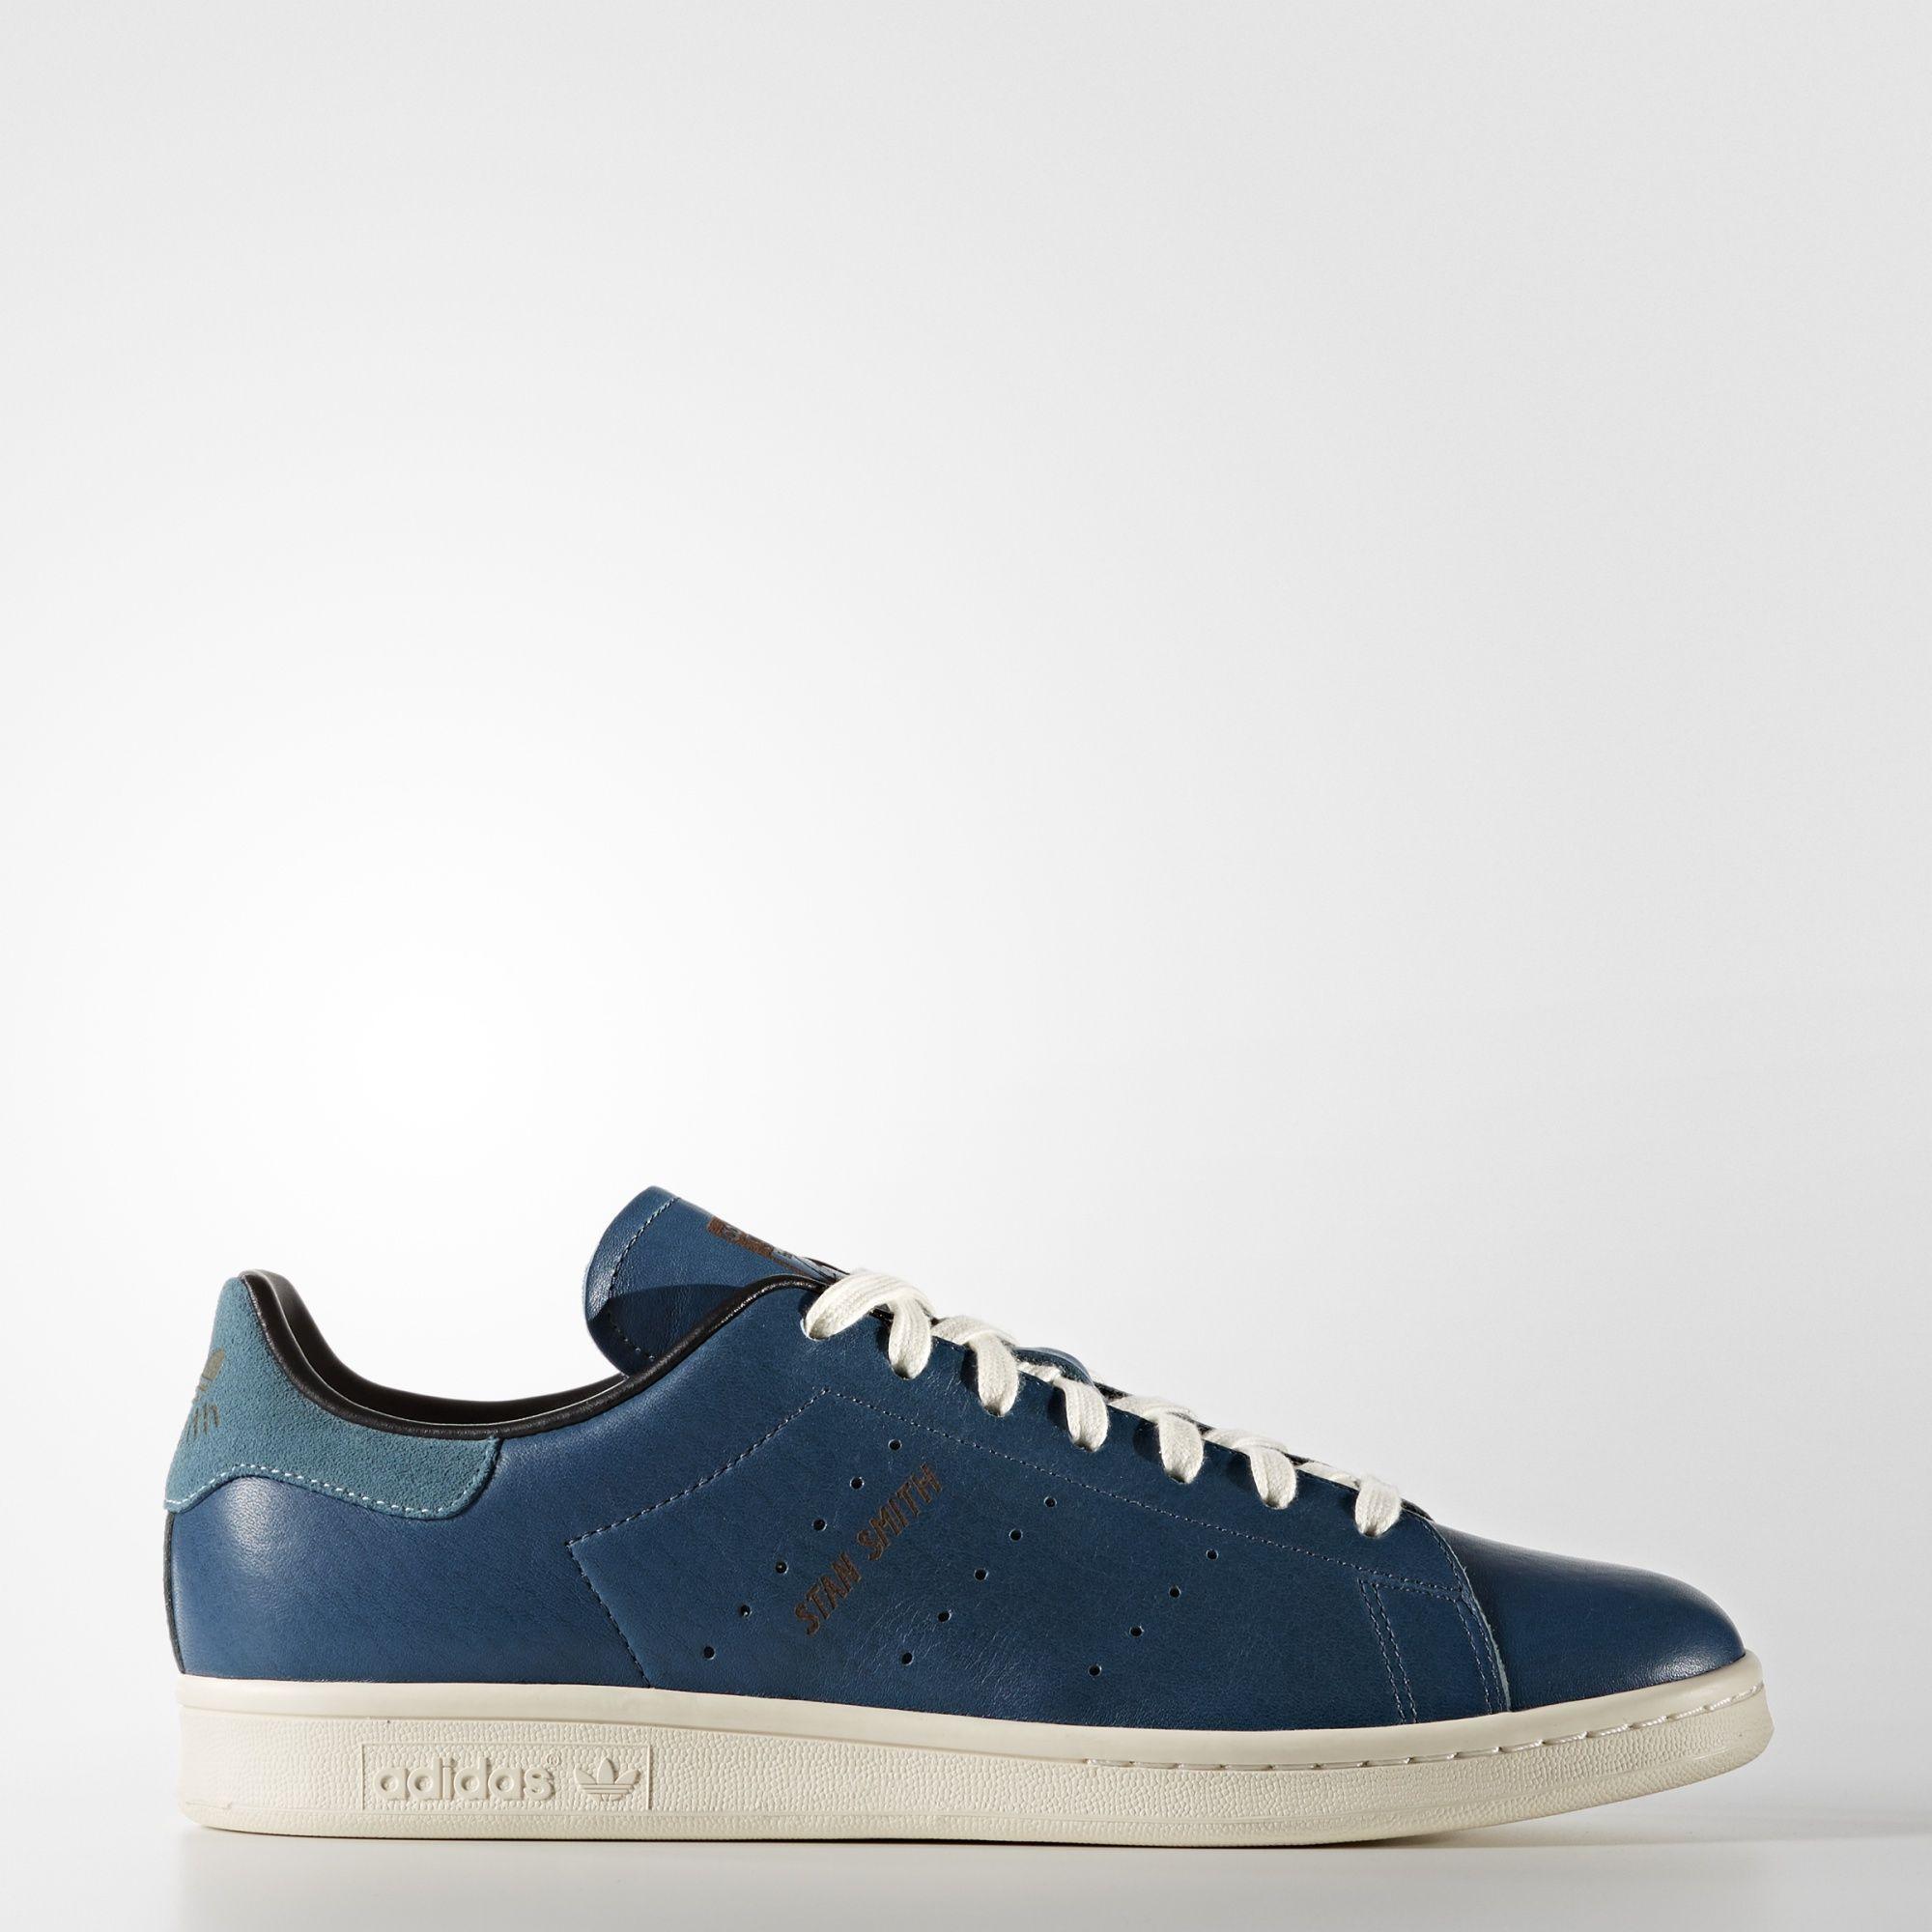 Adidas stan smith scarpe stile pinterest stan smith le scarpe